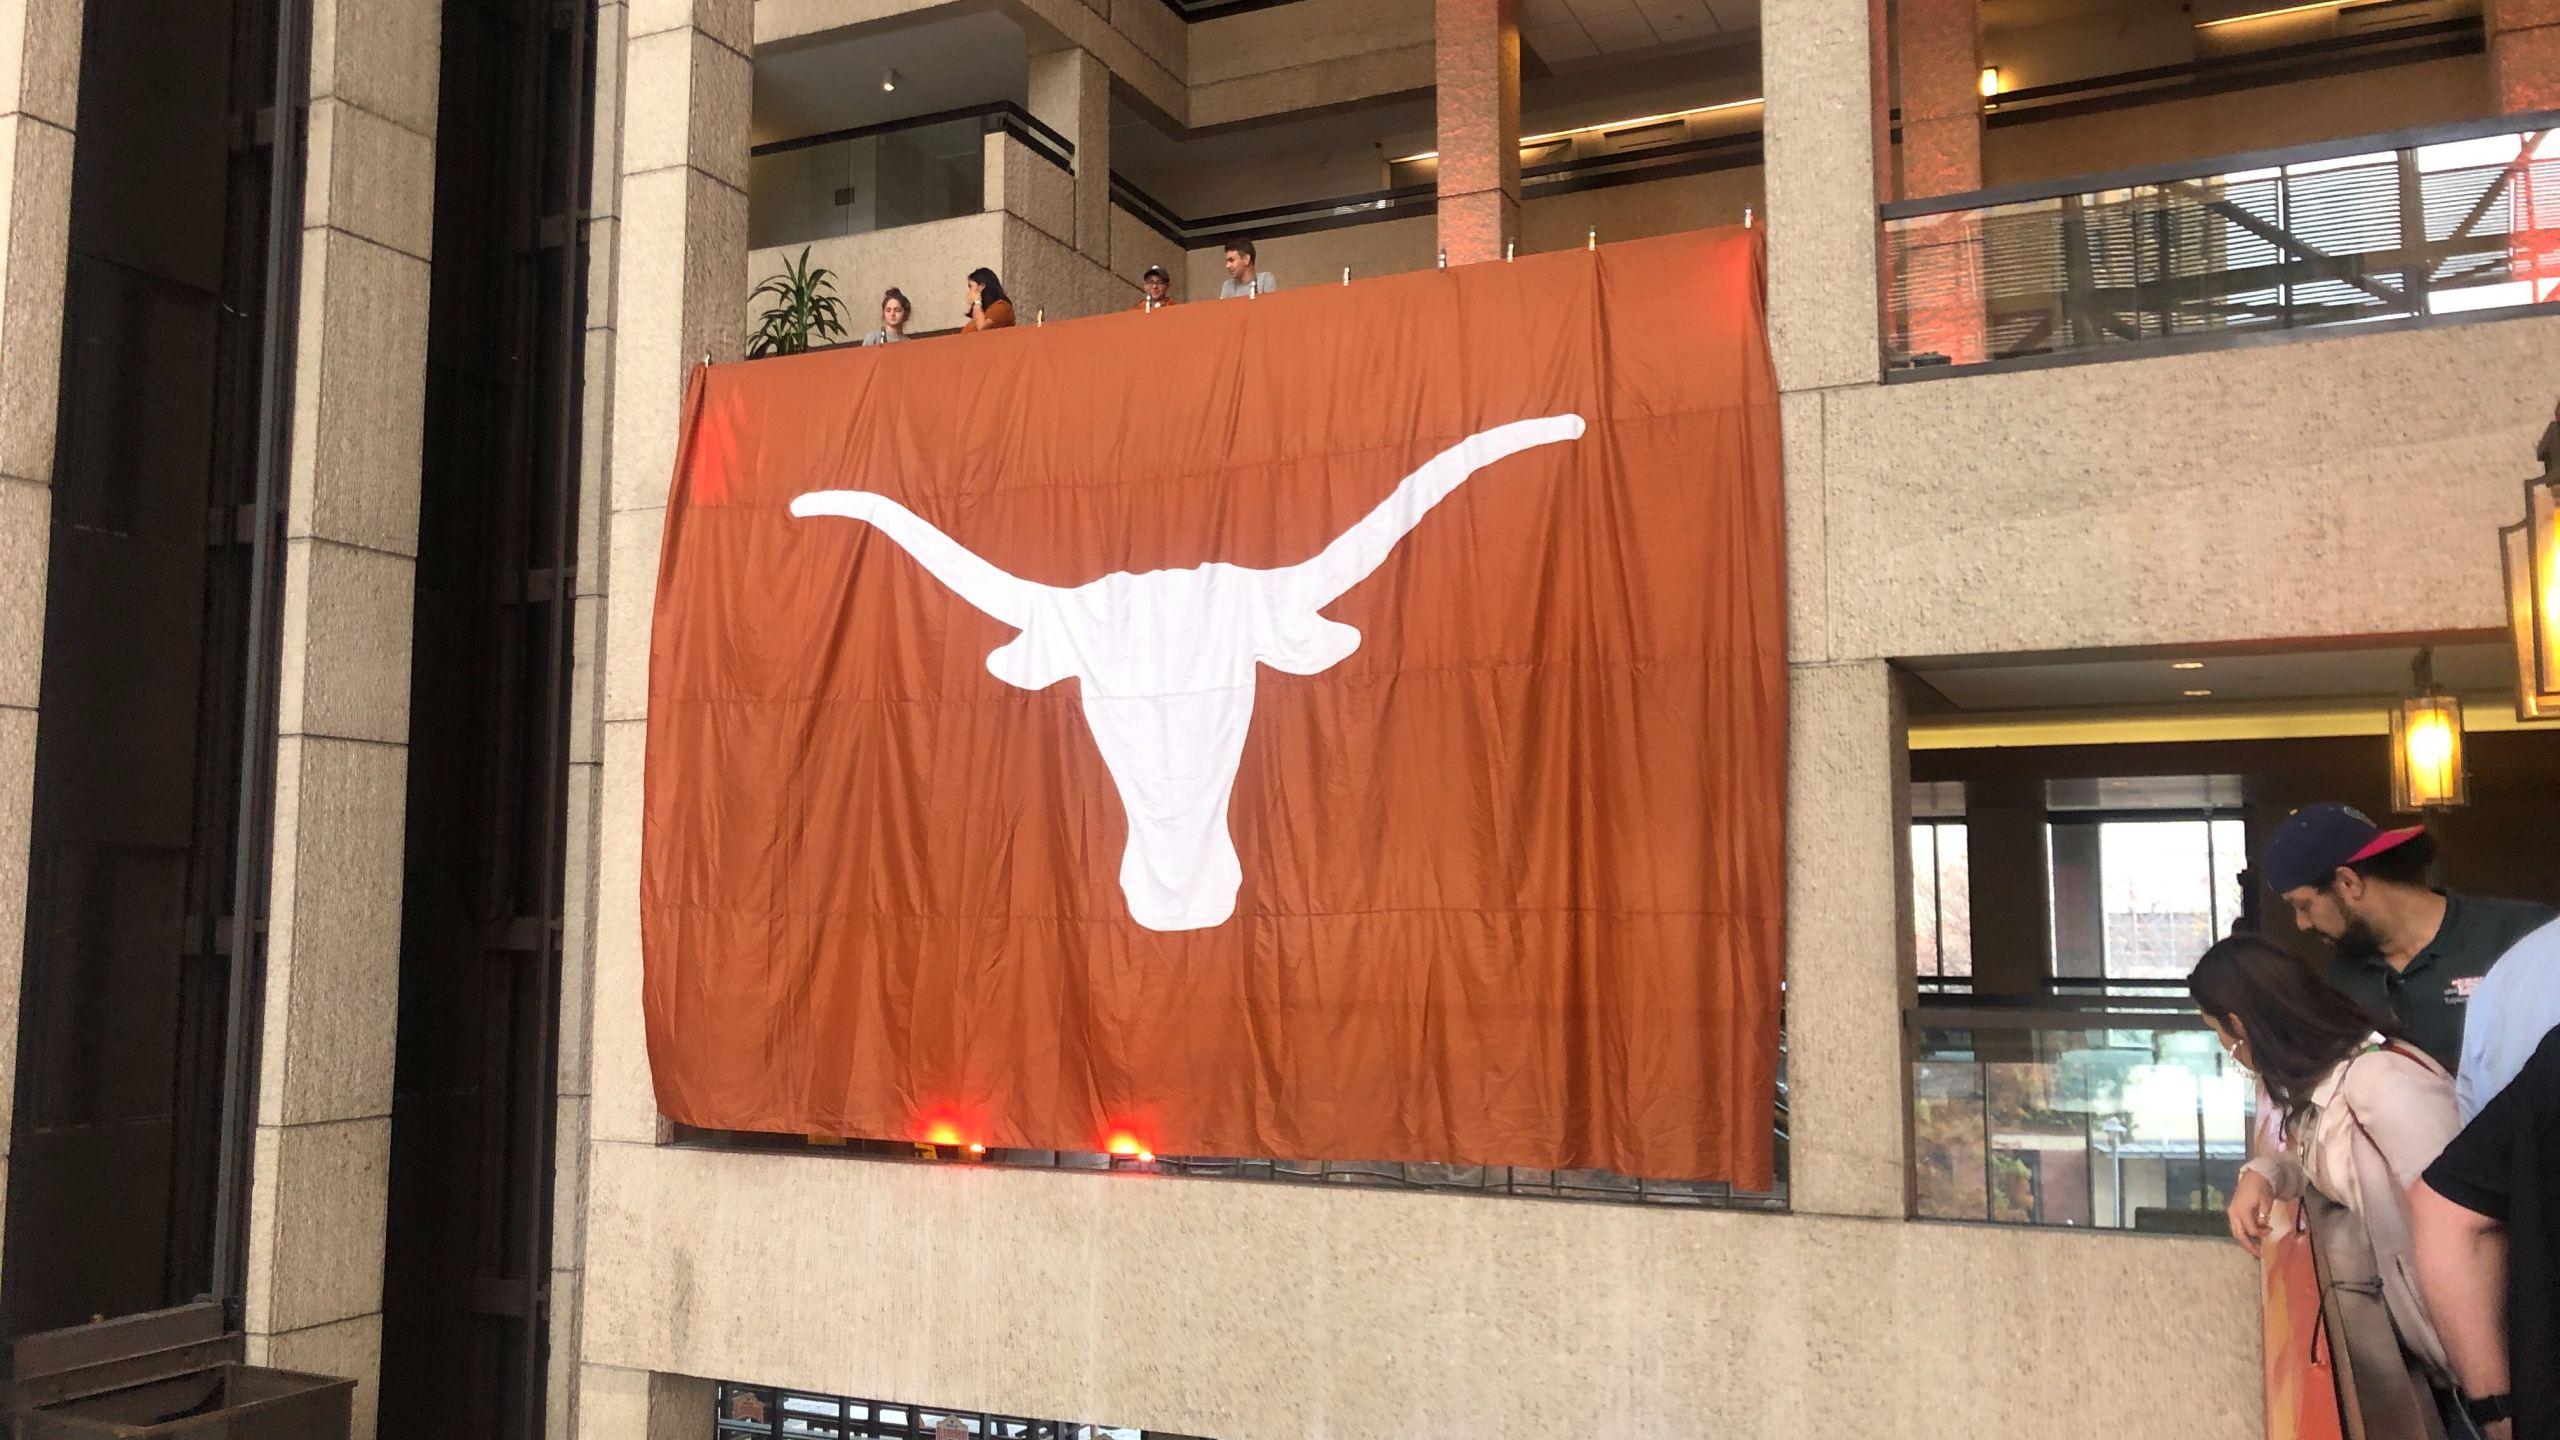 Longhorn flag in San Antonio